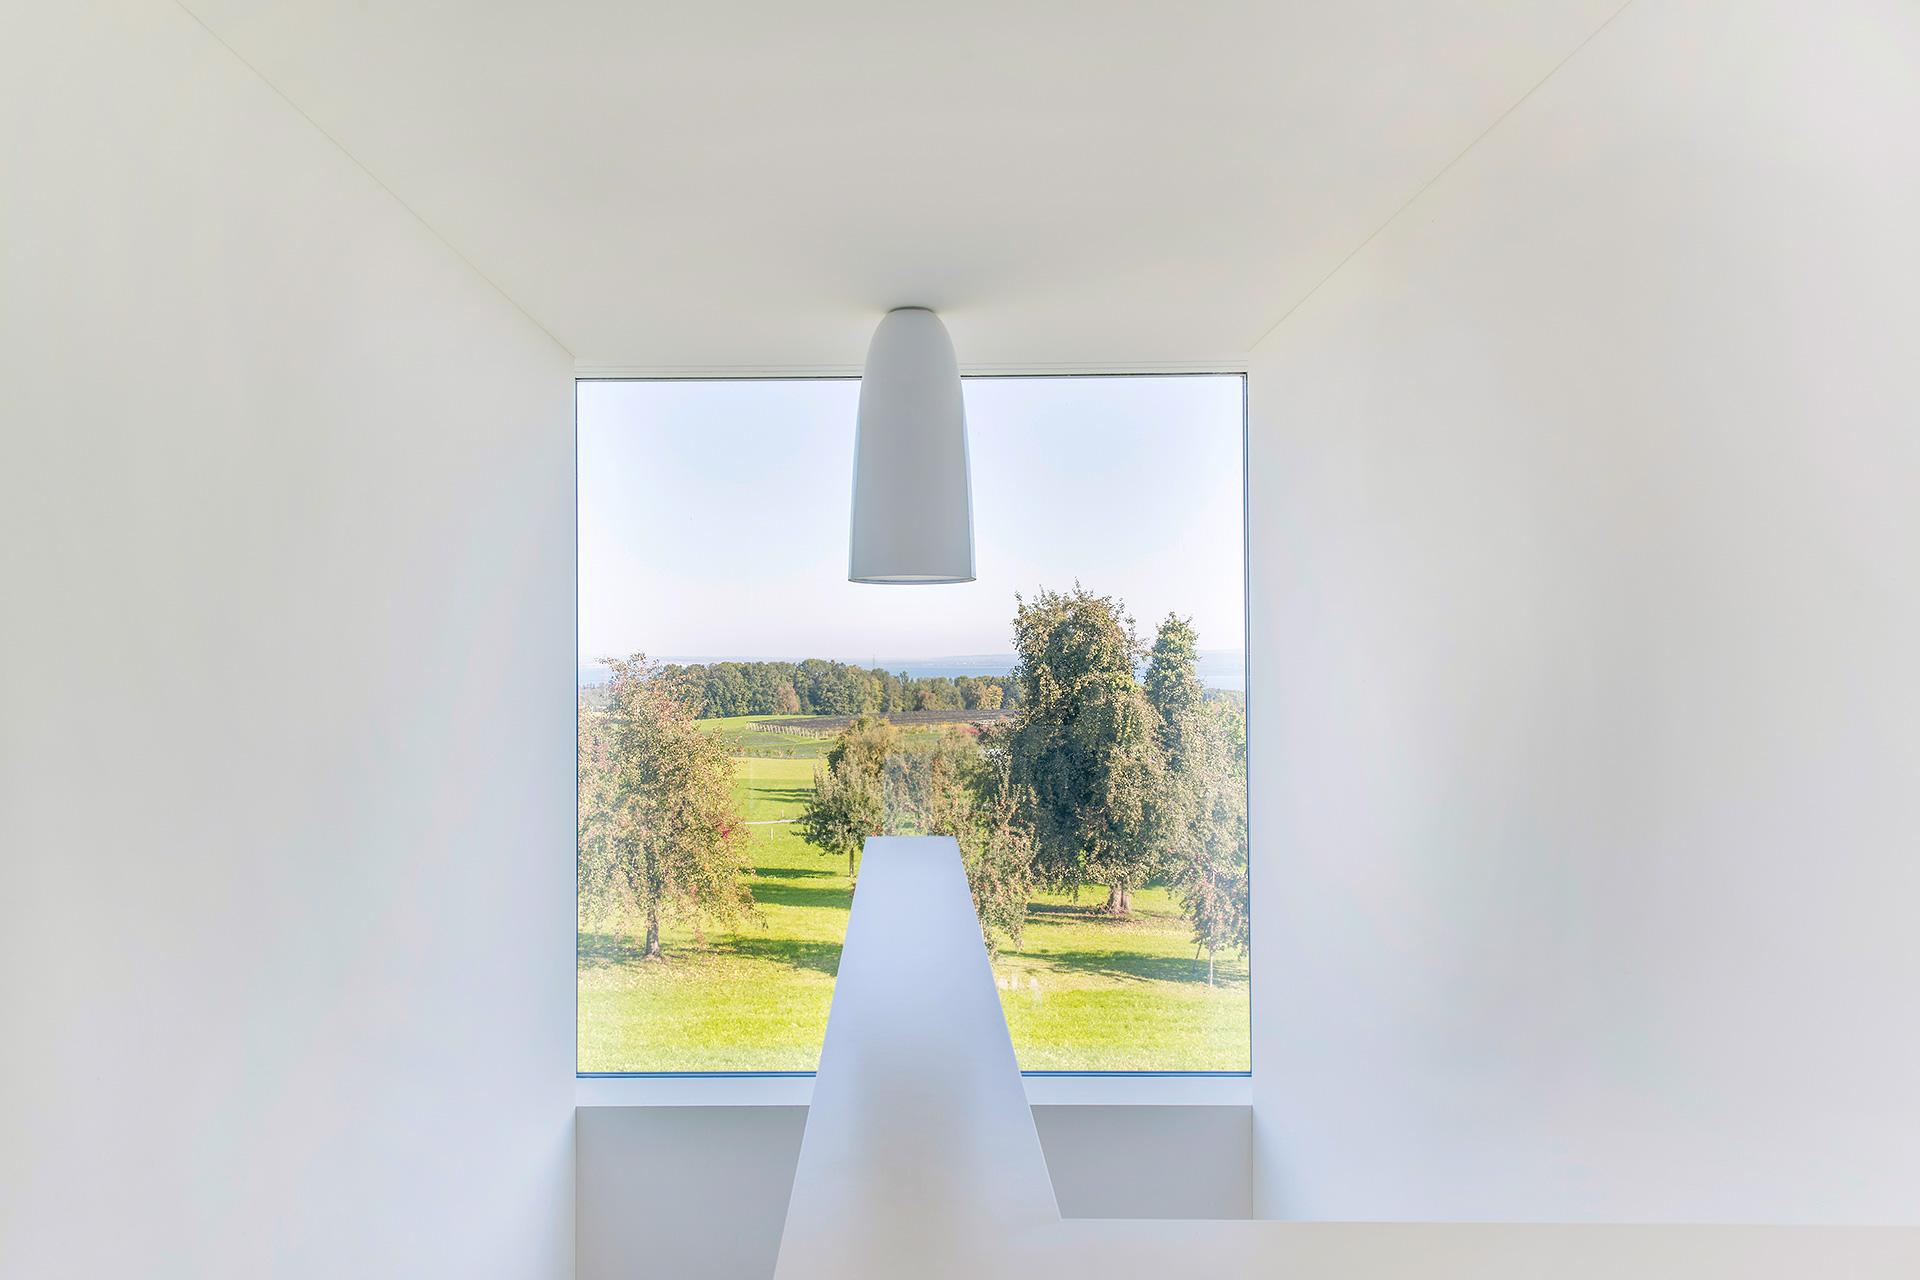 Pfister Klingenfuss Architekten, Haus H, Mörschwil, Blick durch Treppenfesnter